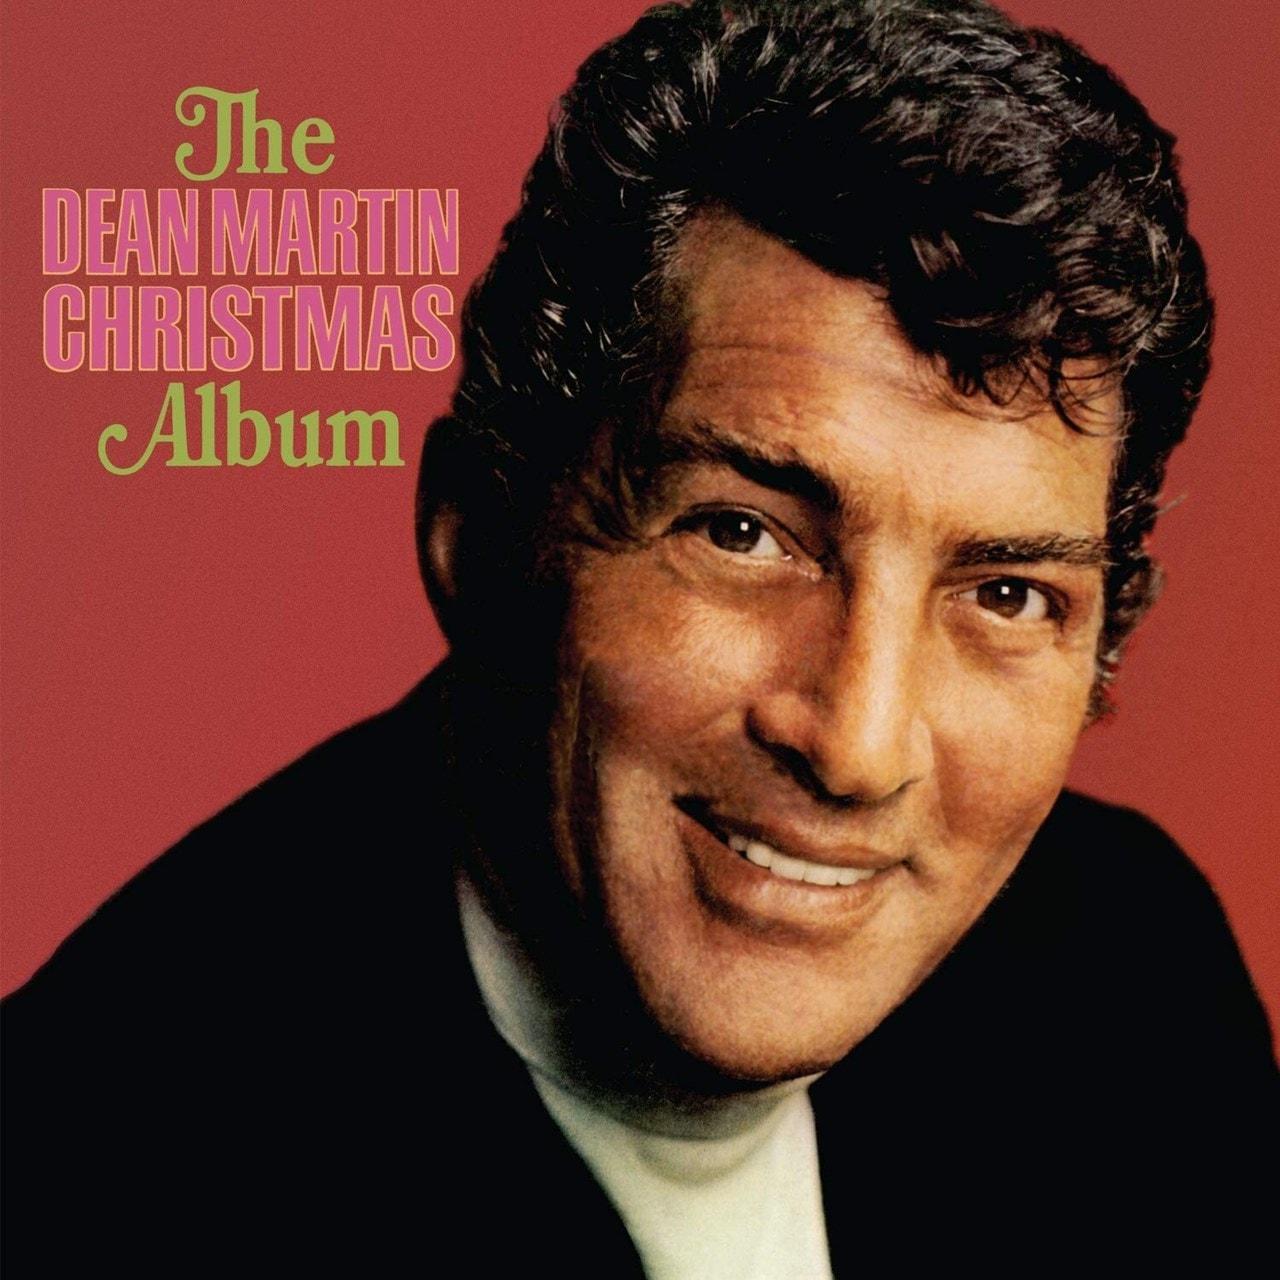 The Dean Martin Christmas Album - 1